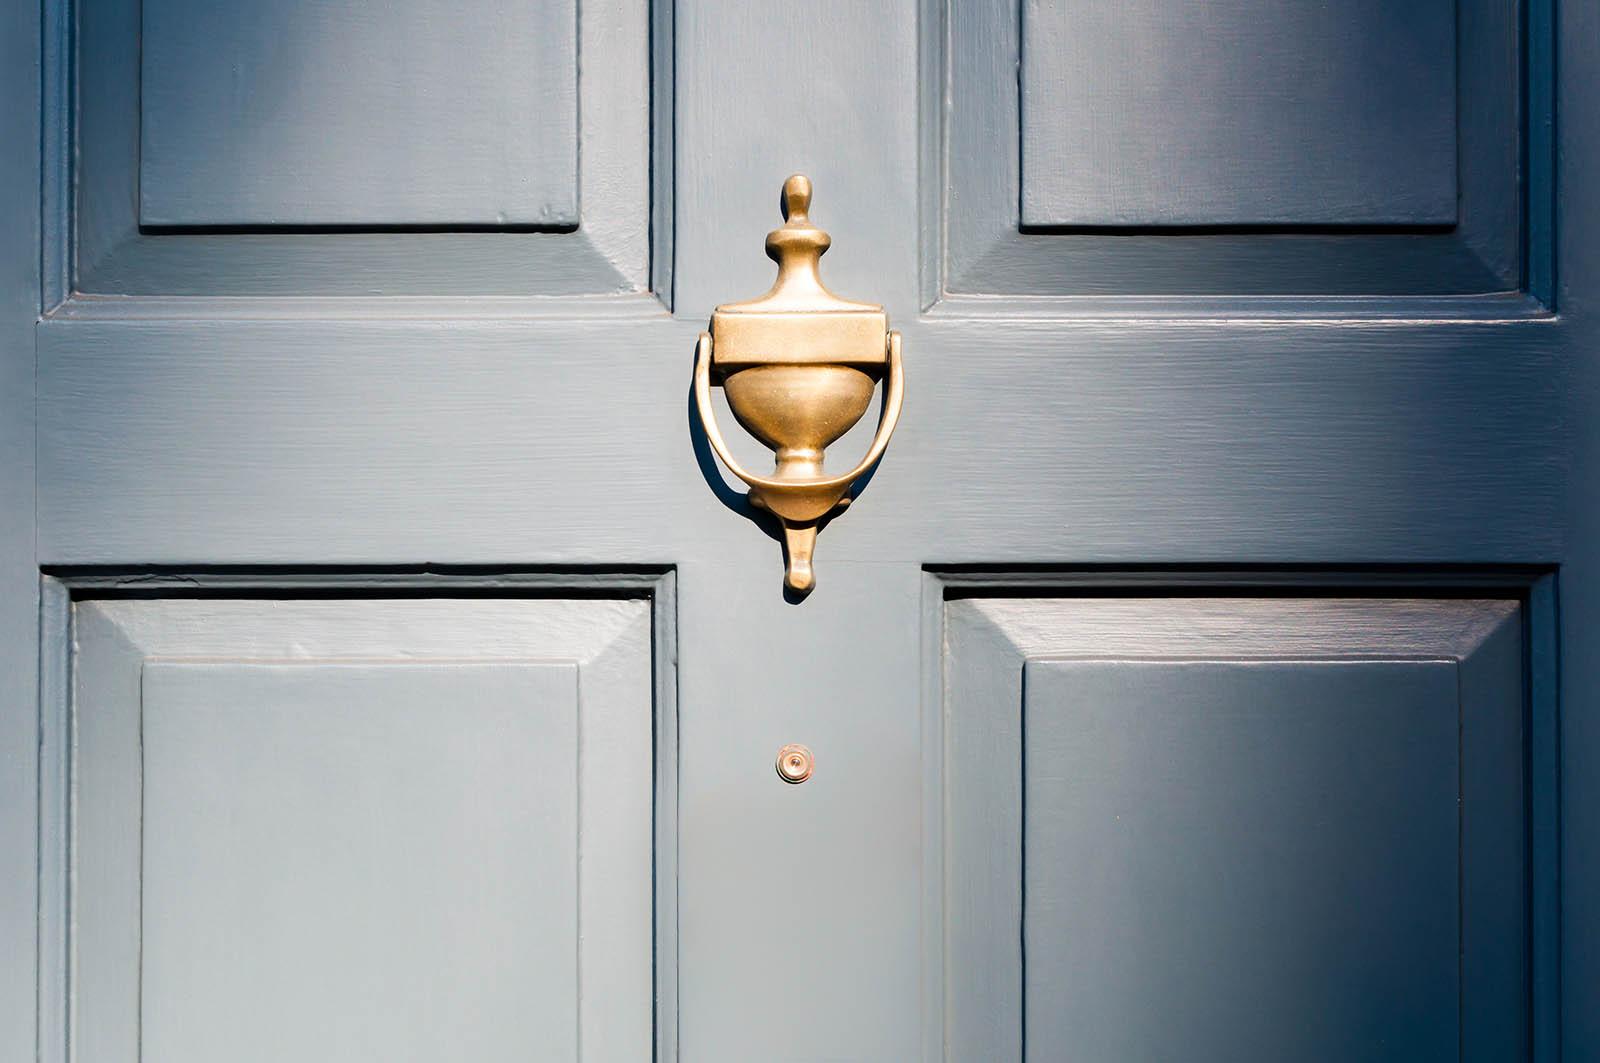 Vi har marknadens bredaste sortiment av ytterdörrar i Stockholm! Det innebär att vi har en rad olika serier, färger och utföranden att välja på. Här i en blå variant! Vilken färg väljer ni?